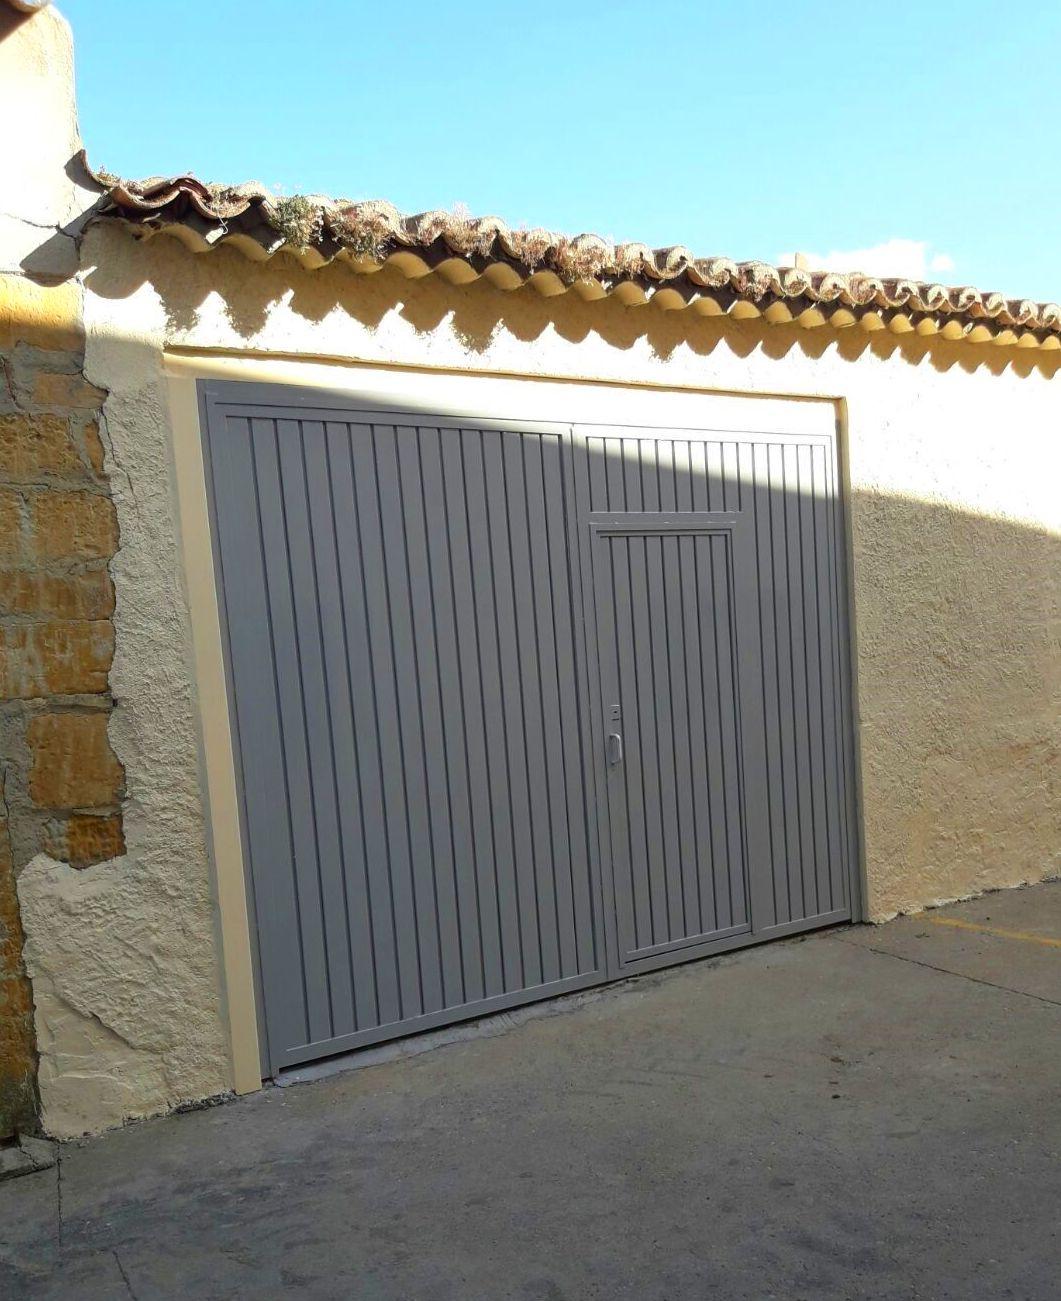 Puerta de garaje a medida en acero galvanizado con puerta peatonal pintado de gris en Zamora